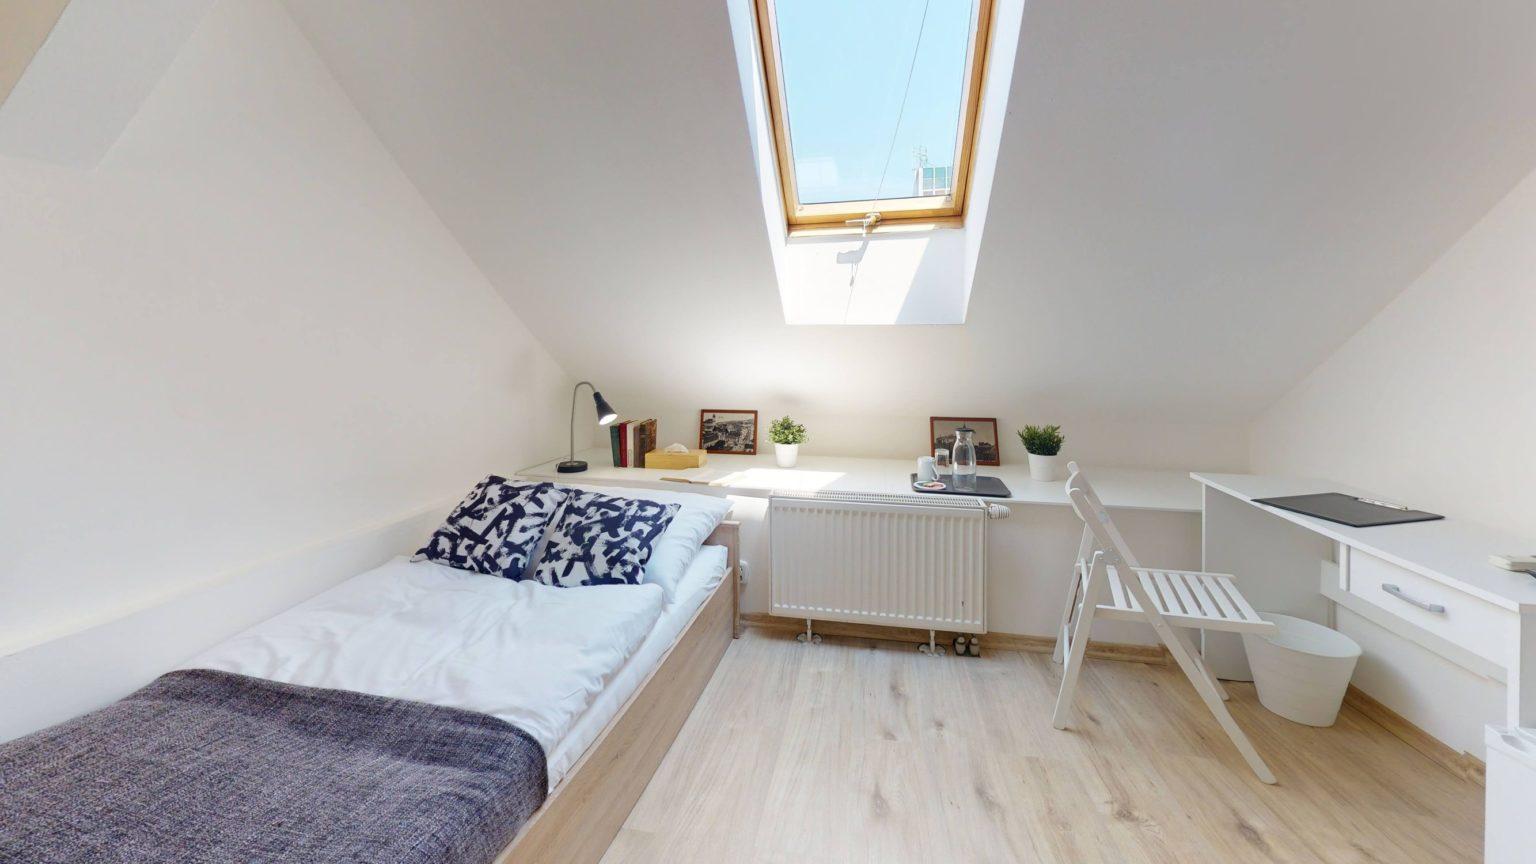 Penzion-Pribina-NR-Bedroom (2)